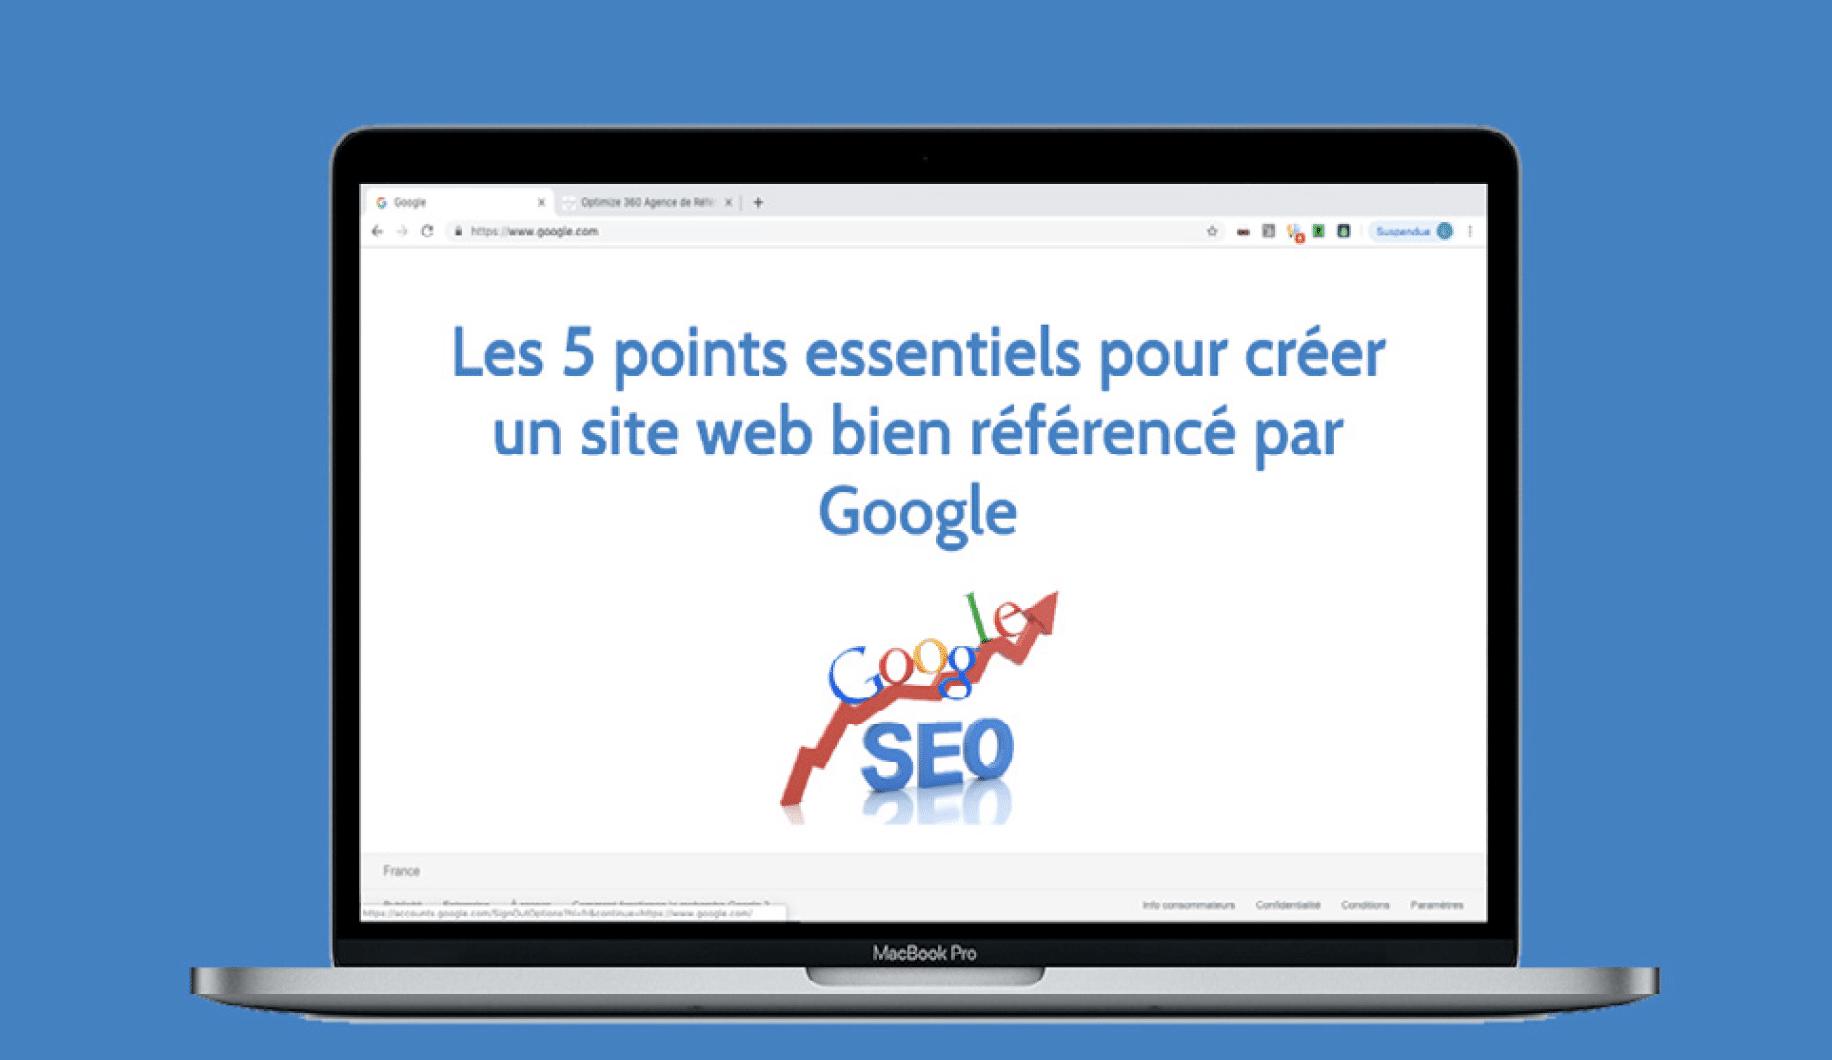 Les 5 points essentiels d'un site web bien référencé sur Google - Livre Blanc -